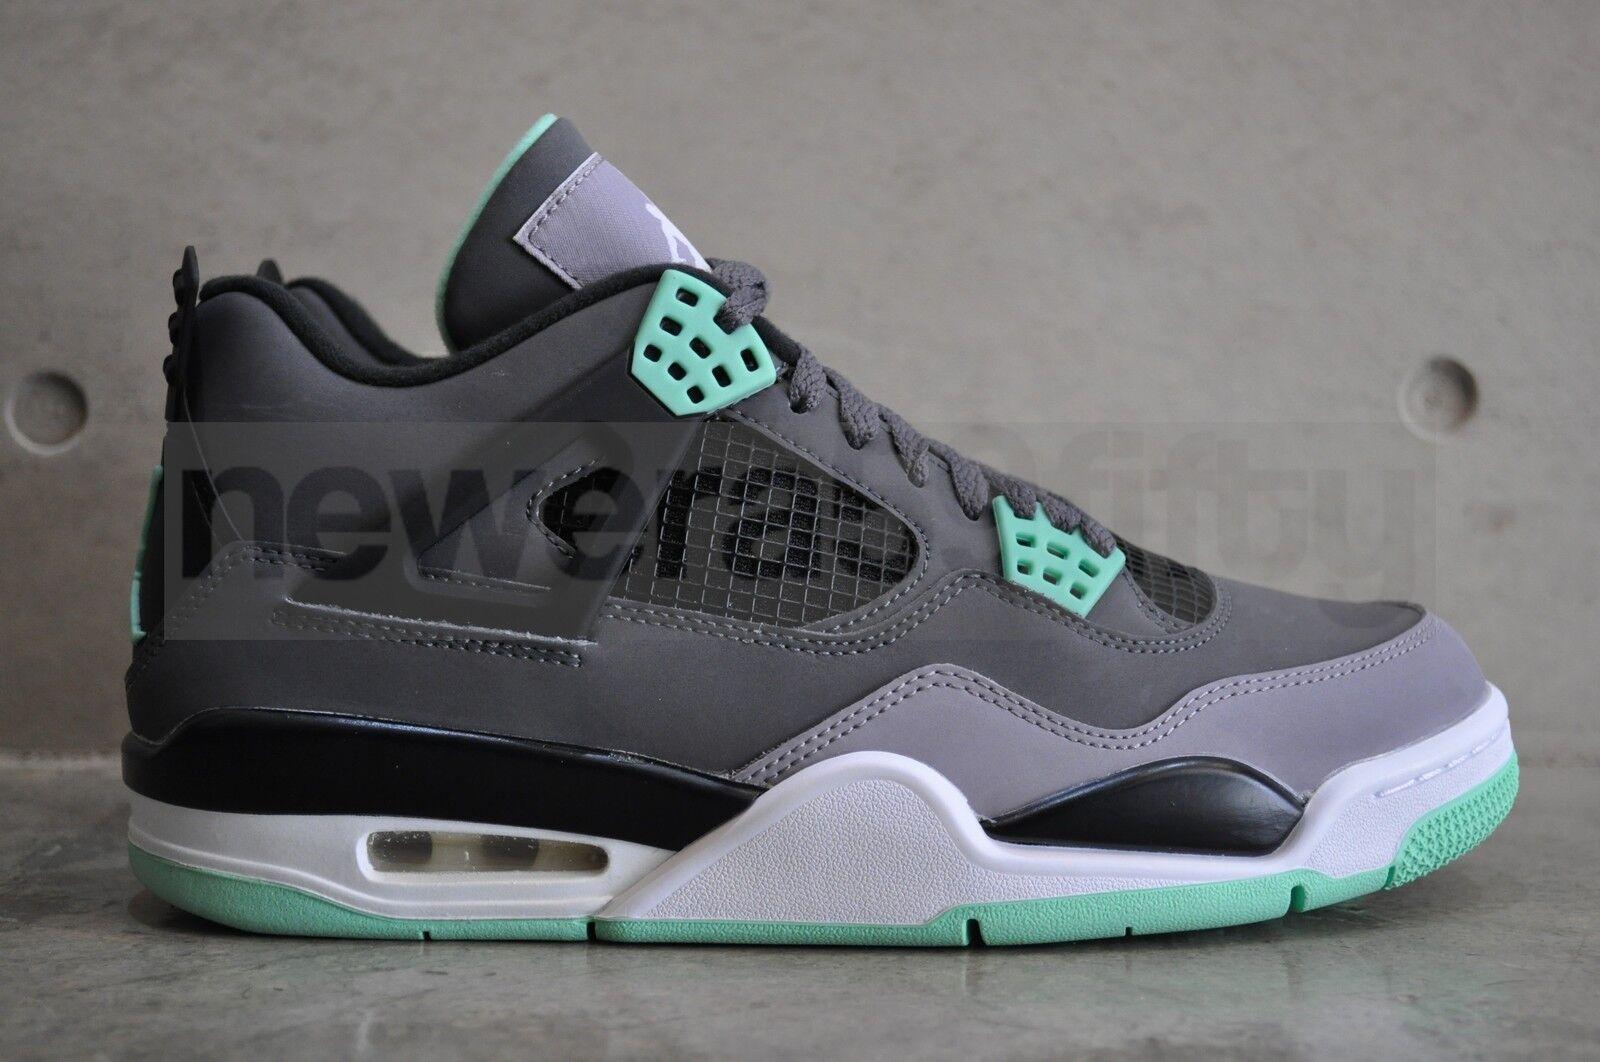 Nike Air Jordan 4 Retro 'Green Glow' - Drk Grey/Grn Glw-Cmnt Gry-Blk